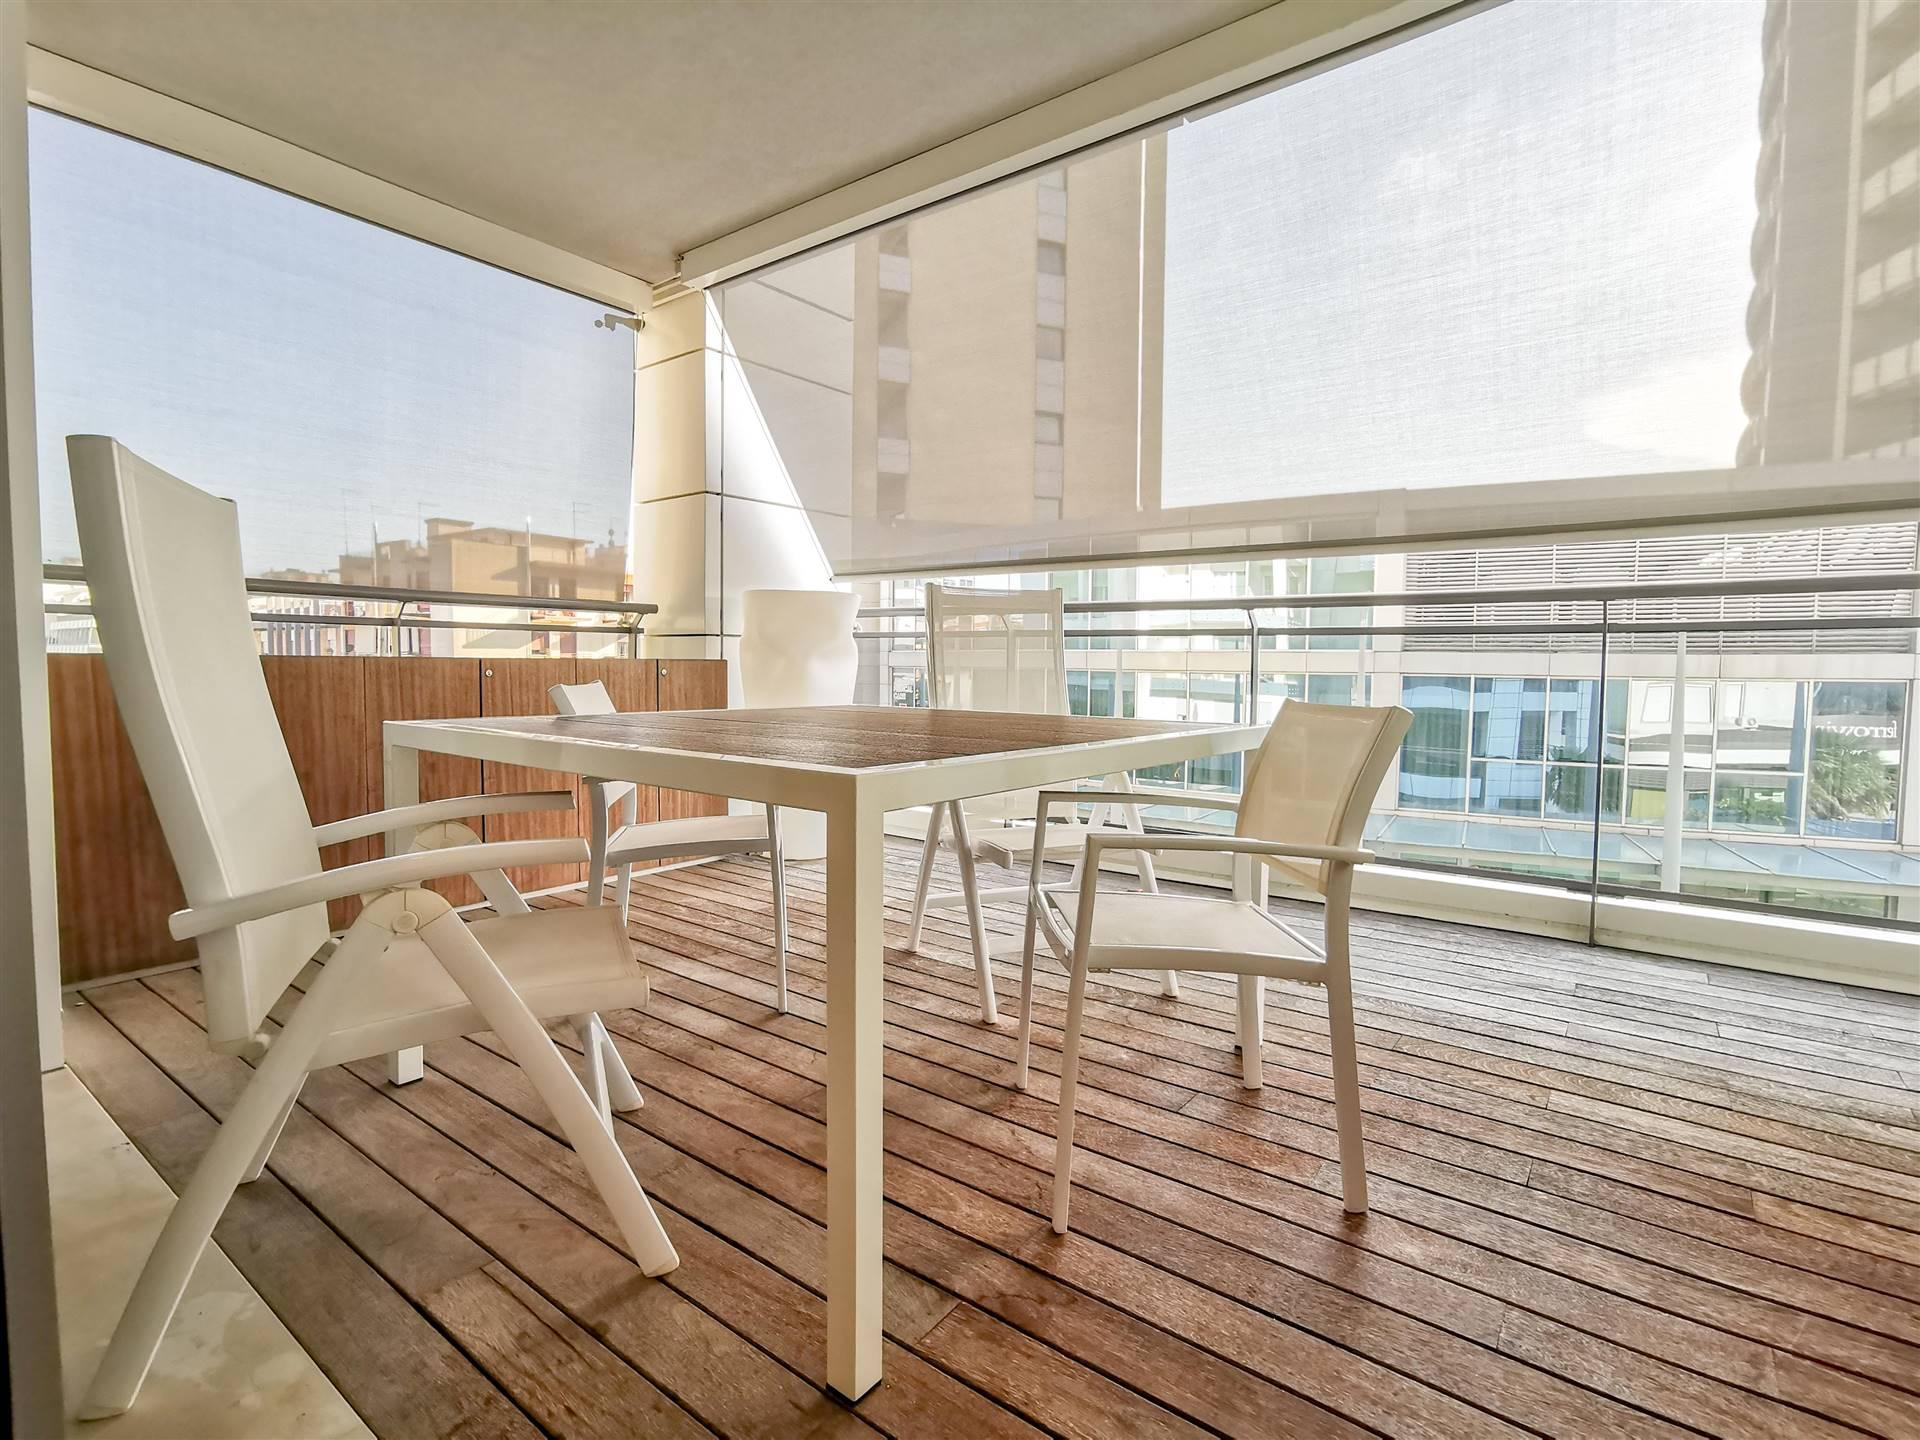 JESOLO Appartamento con due camere signorile con domotica Foto 20